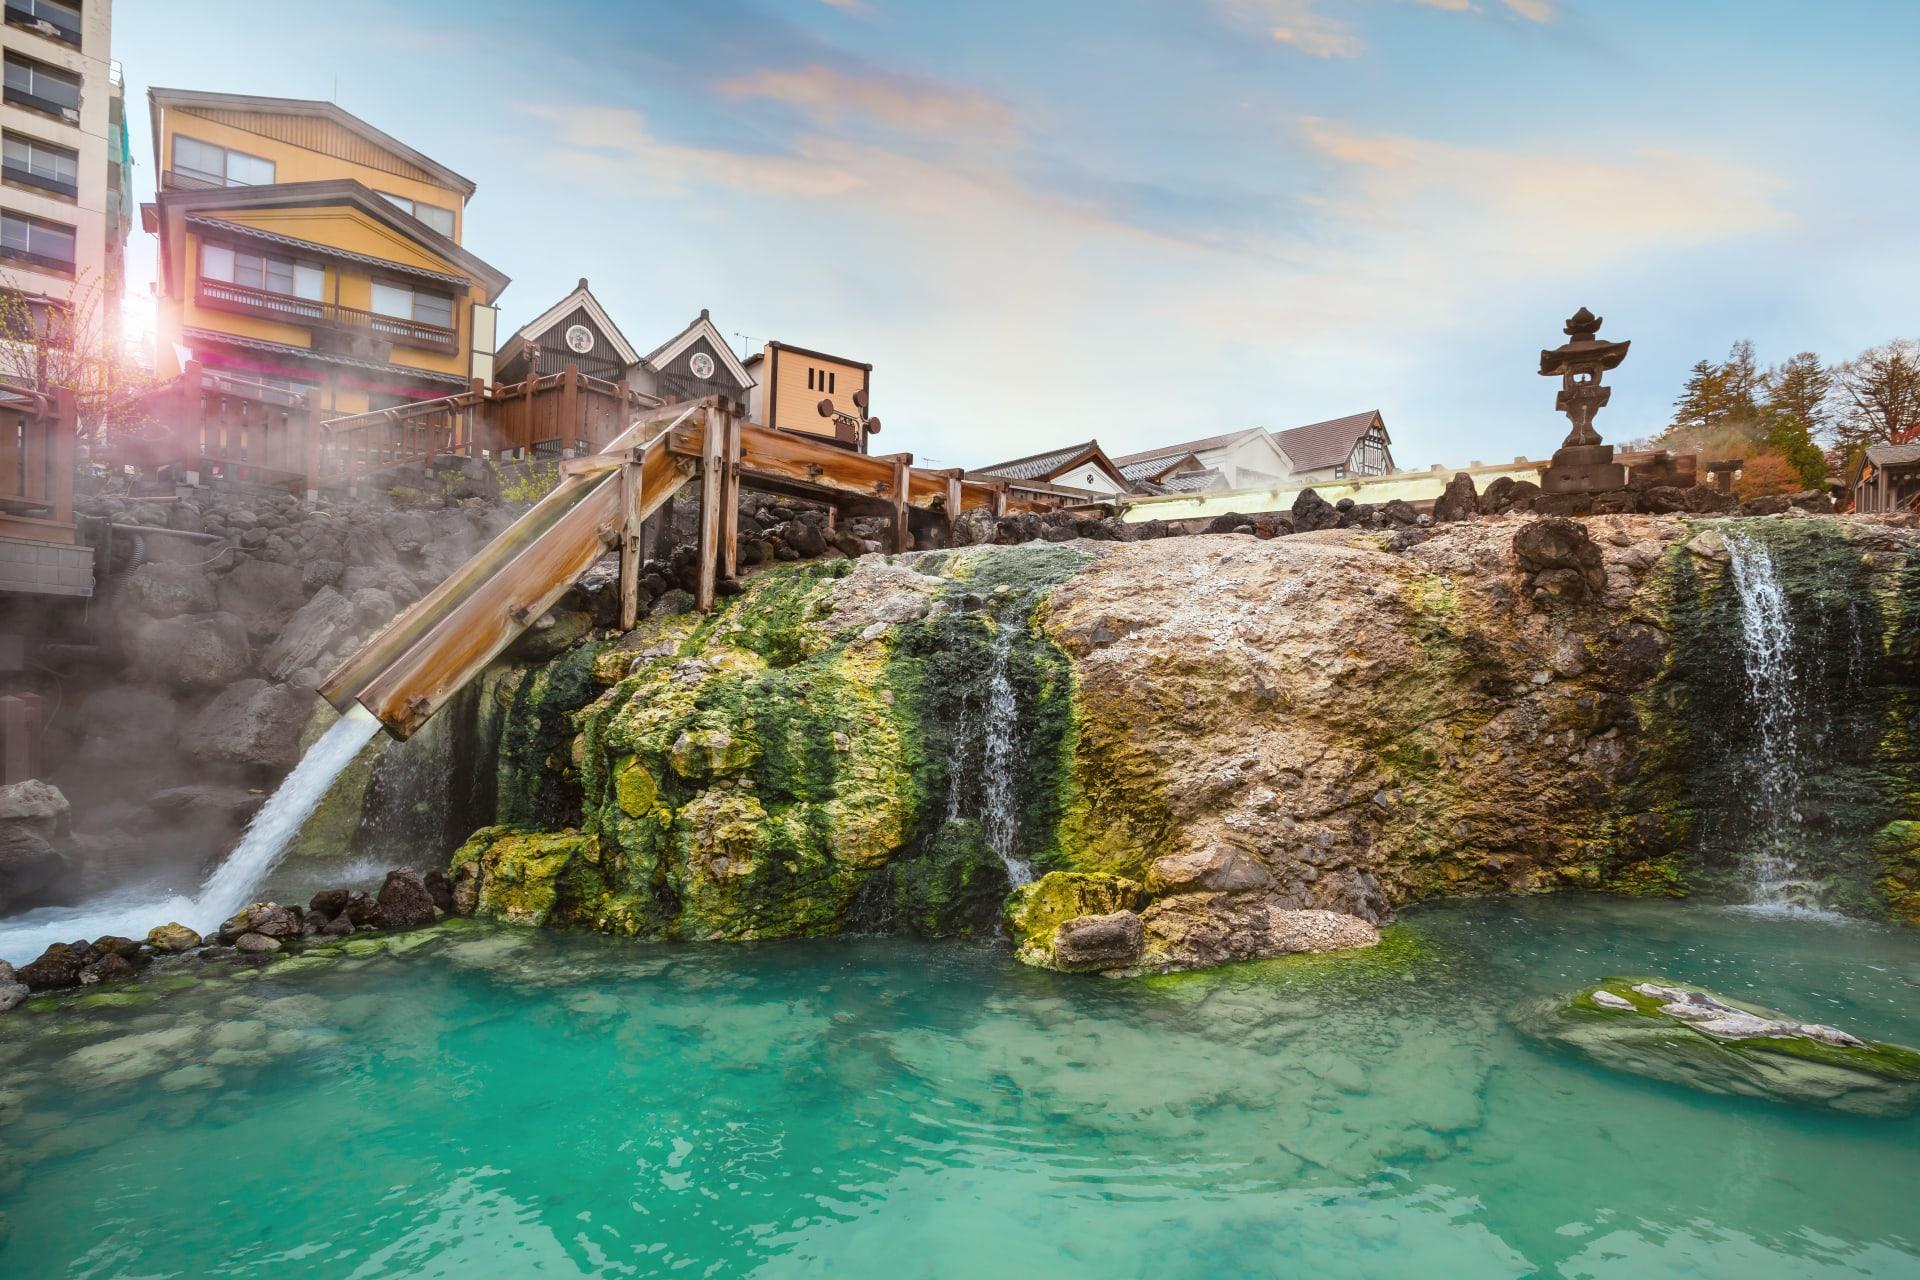 Gunma - Kusatsu: Japan's Favorite Hot Spring Town